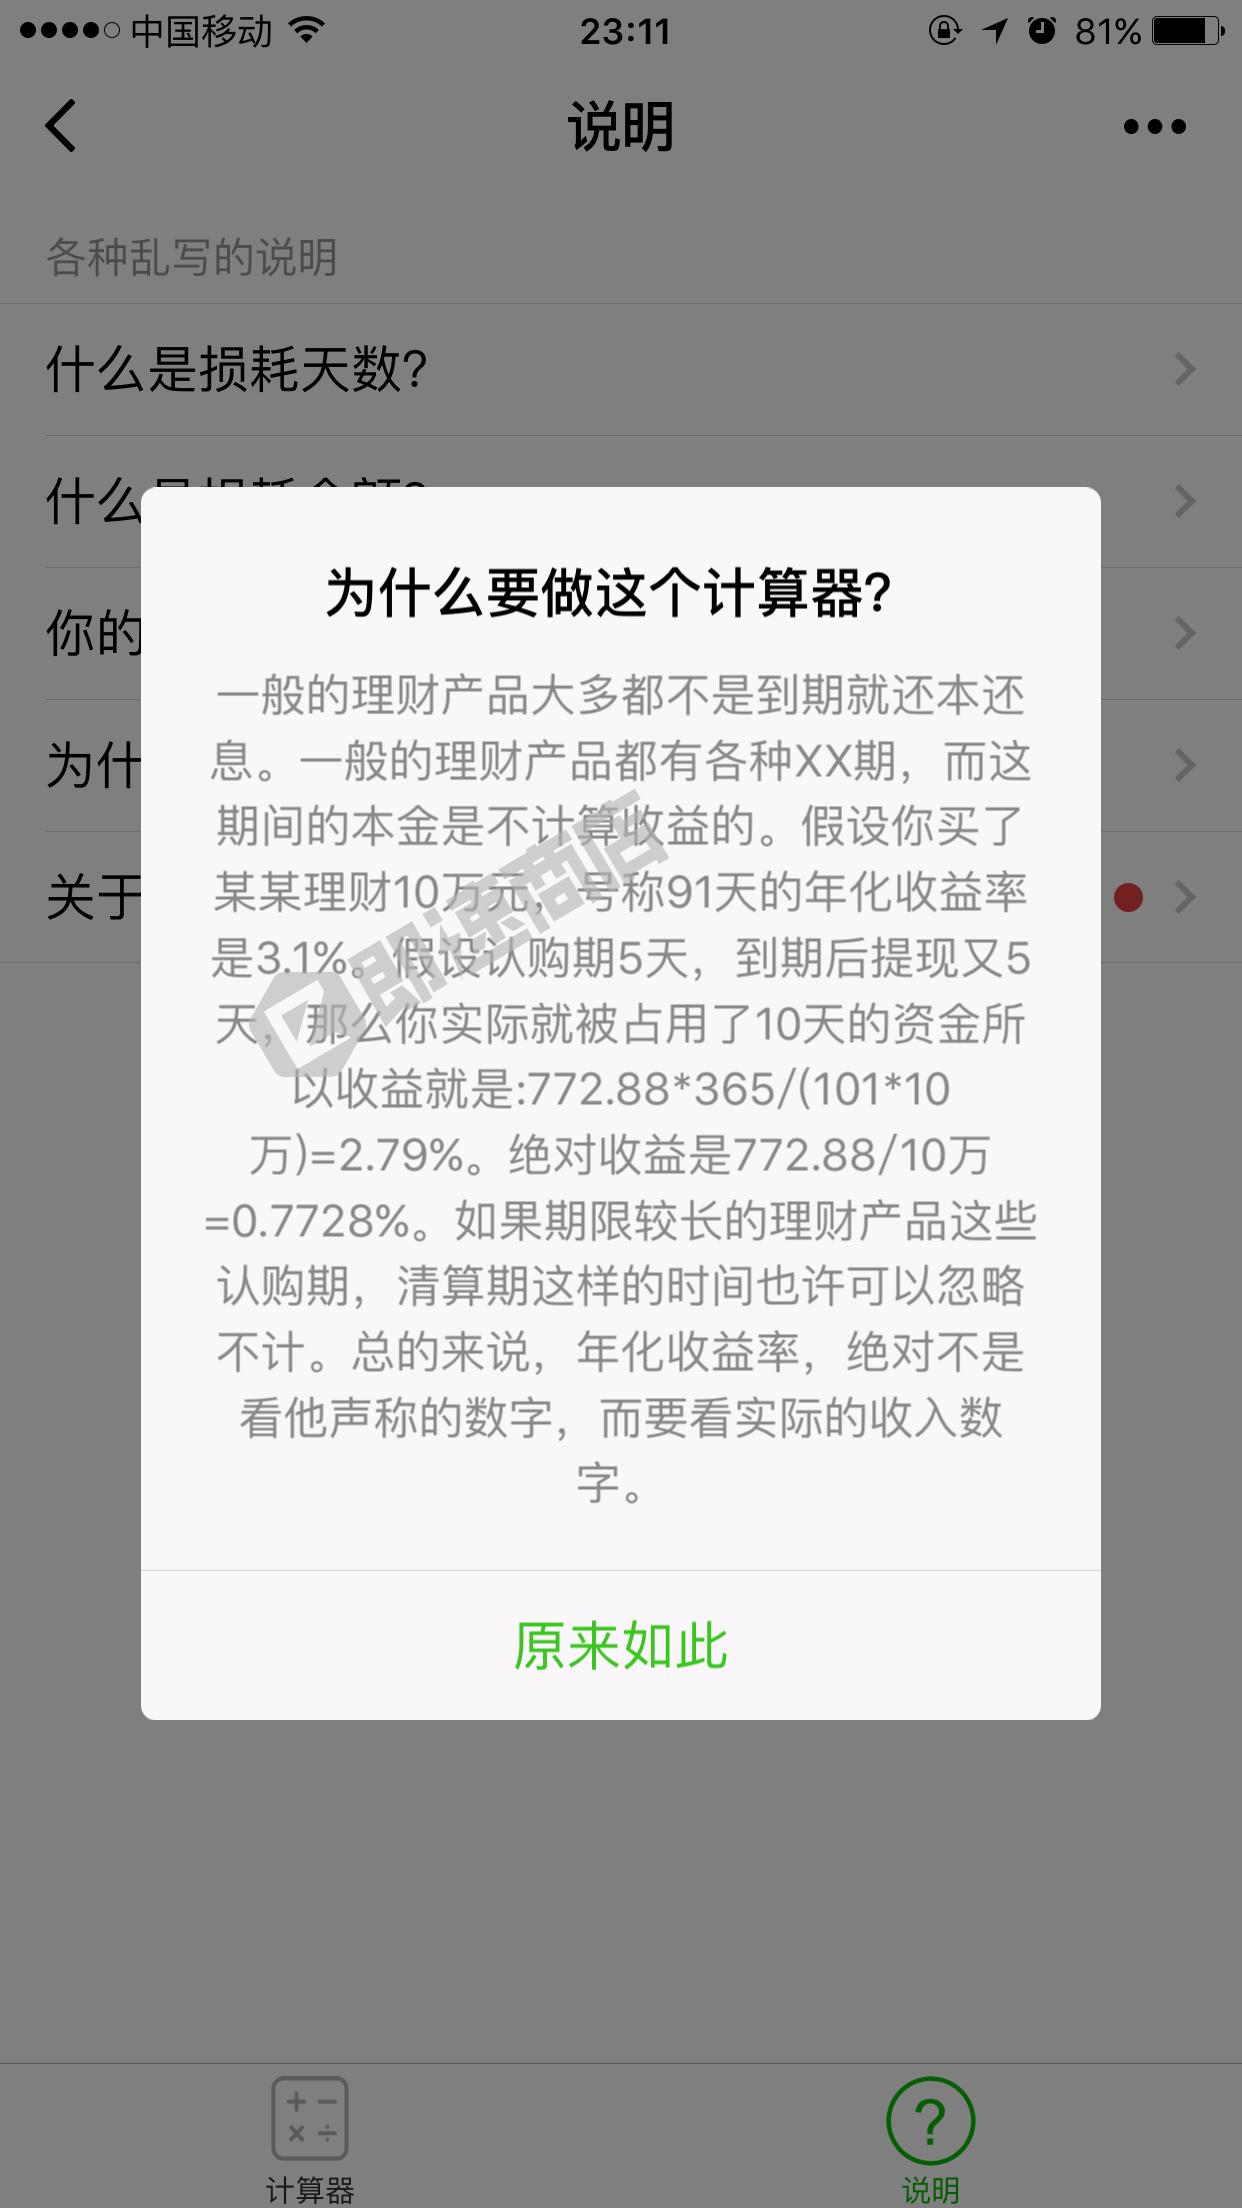 理财收益计算器小程序首页截图